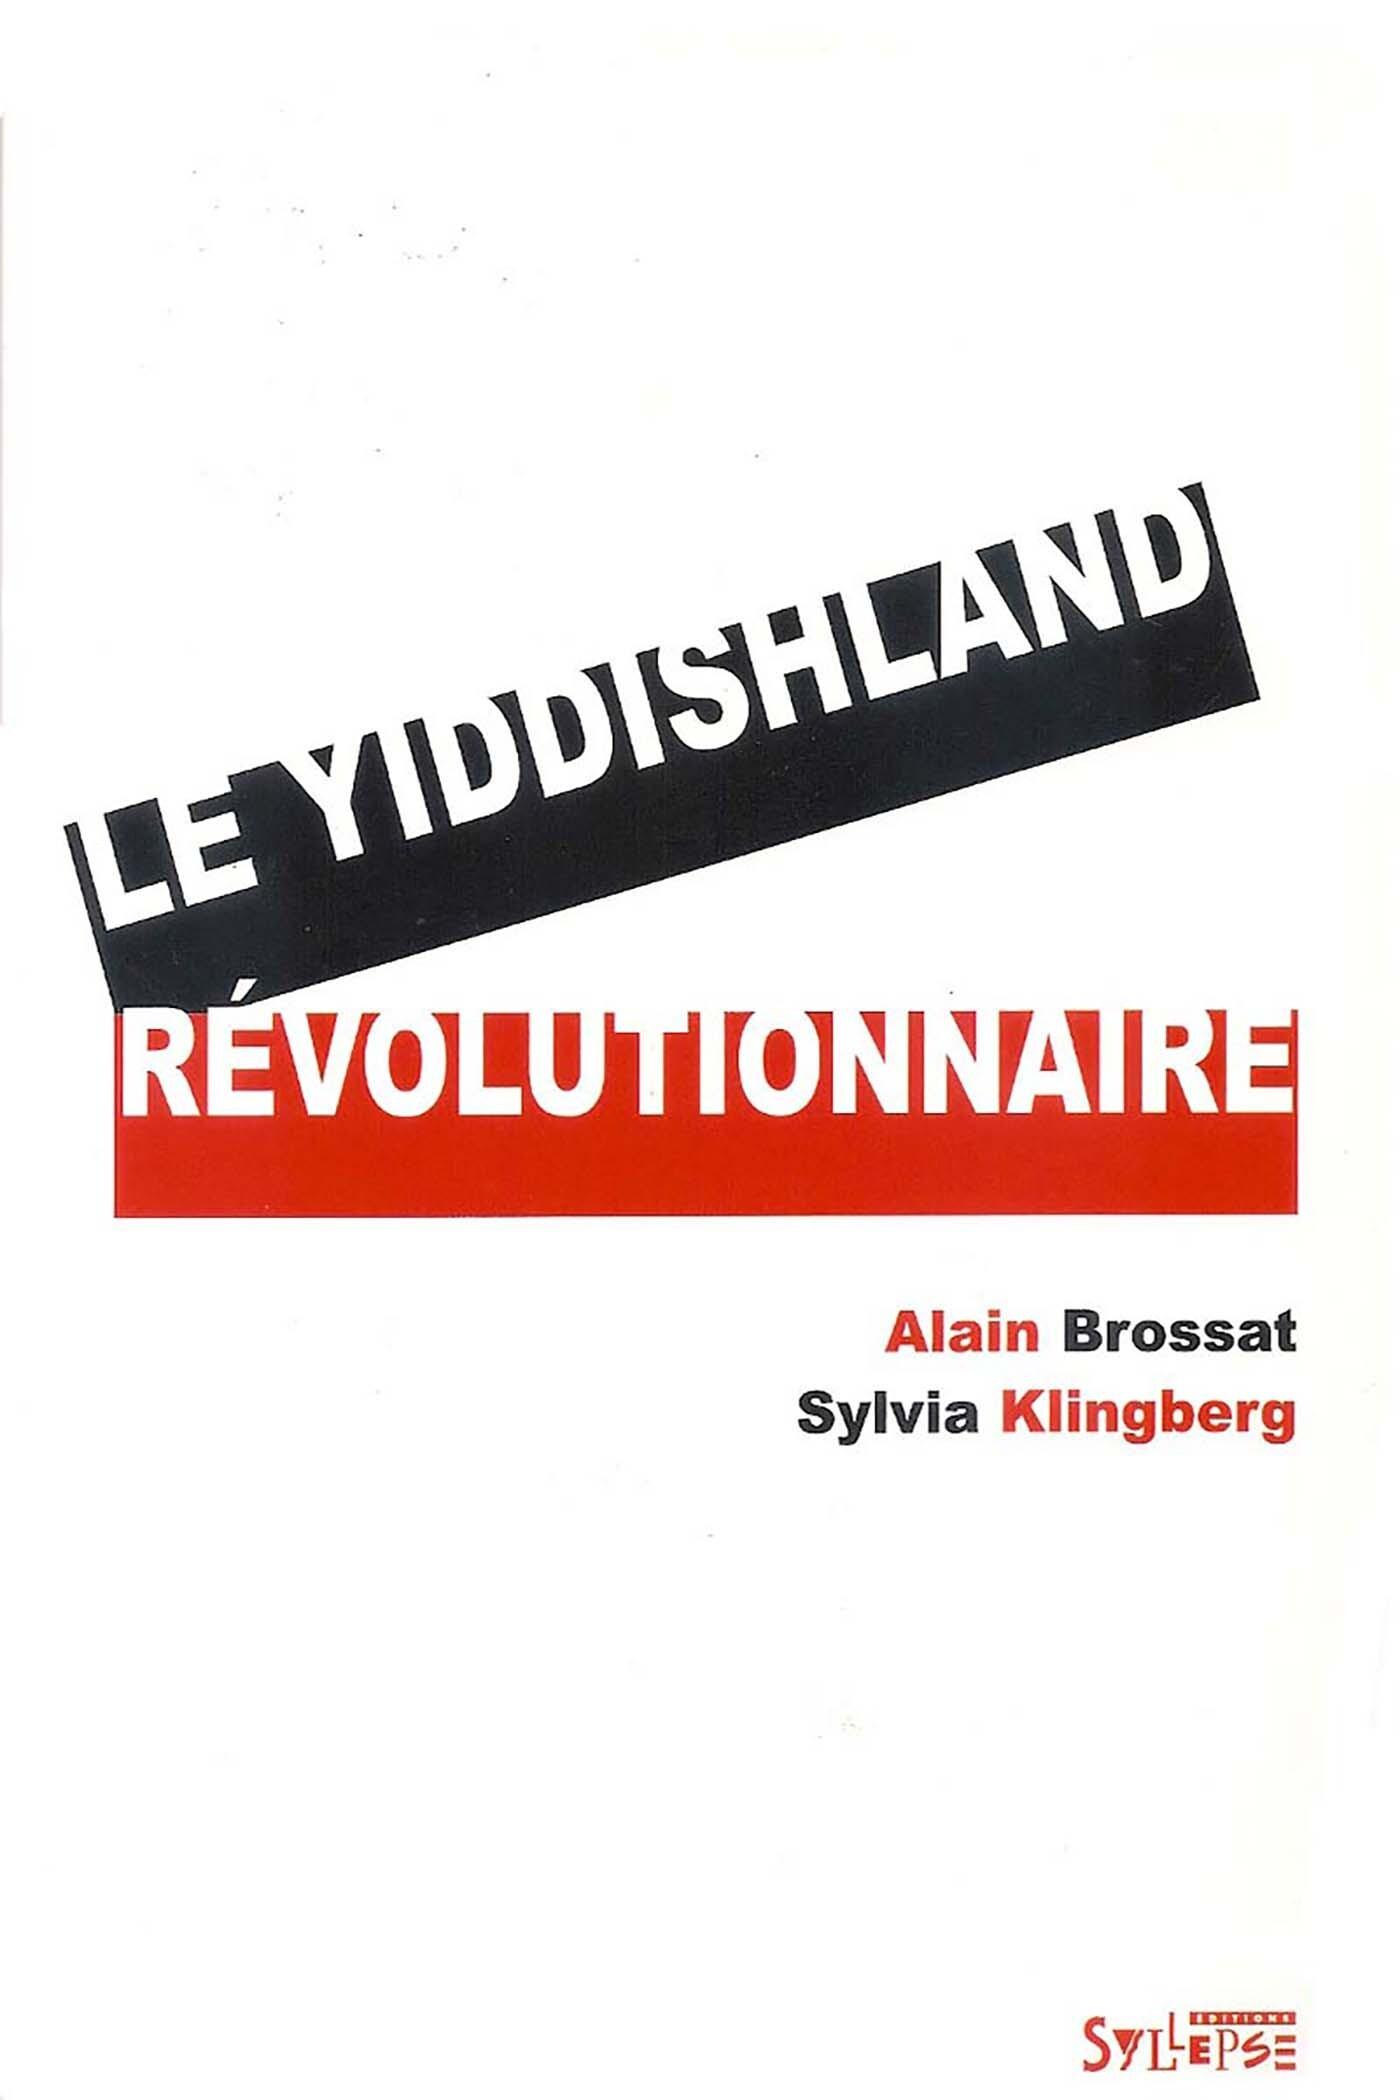 YIDDISHLAND REVOLUTIONNAIRE (LE)